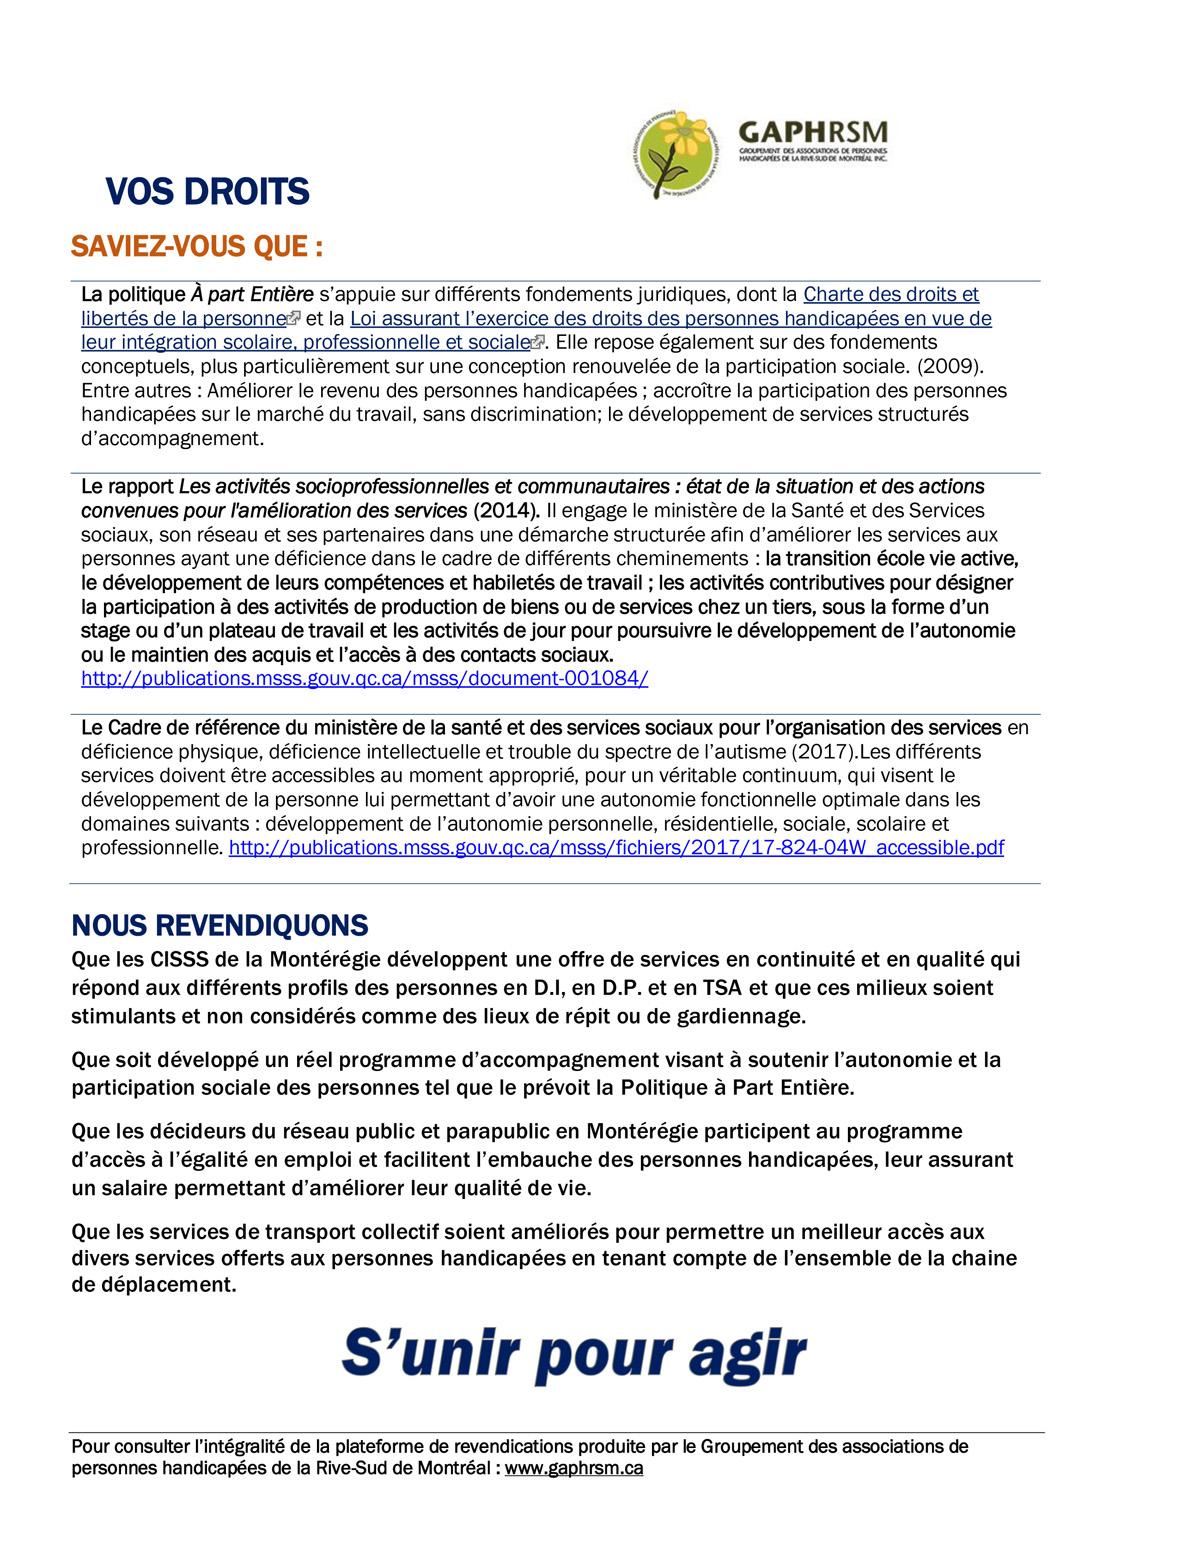 SYNTHÈSE SUR LES ACTIVITÉS SOCIALES ET PROFESSIONNELLES Ce que nous révèle la Plateforme de revendications « Un besoin non comblé est un droit bafoué ! » Page 2